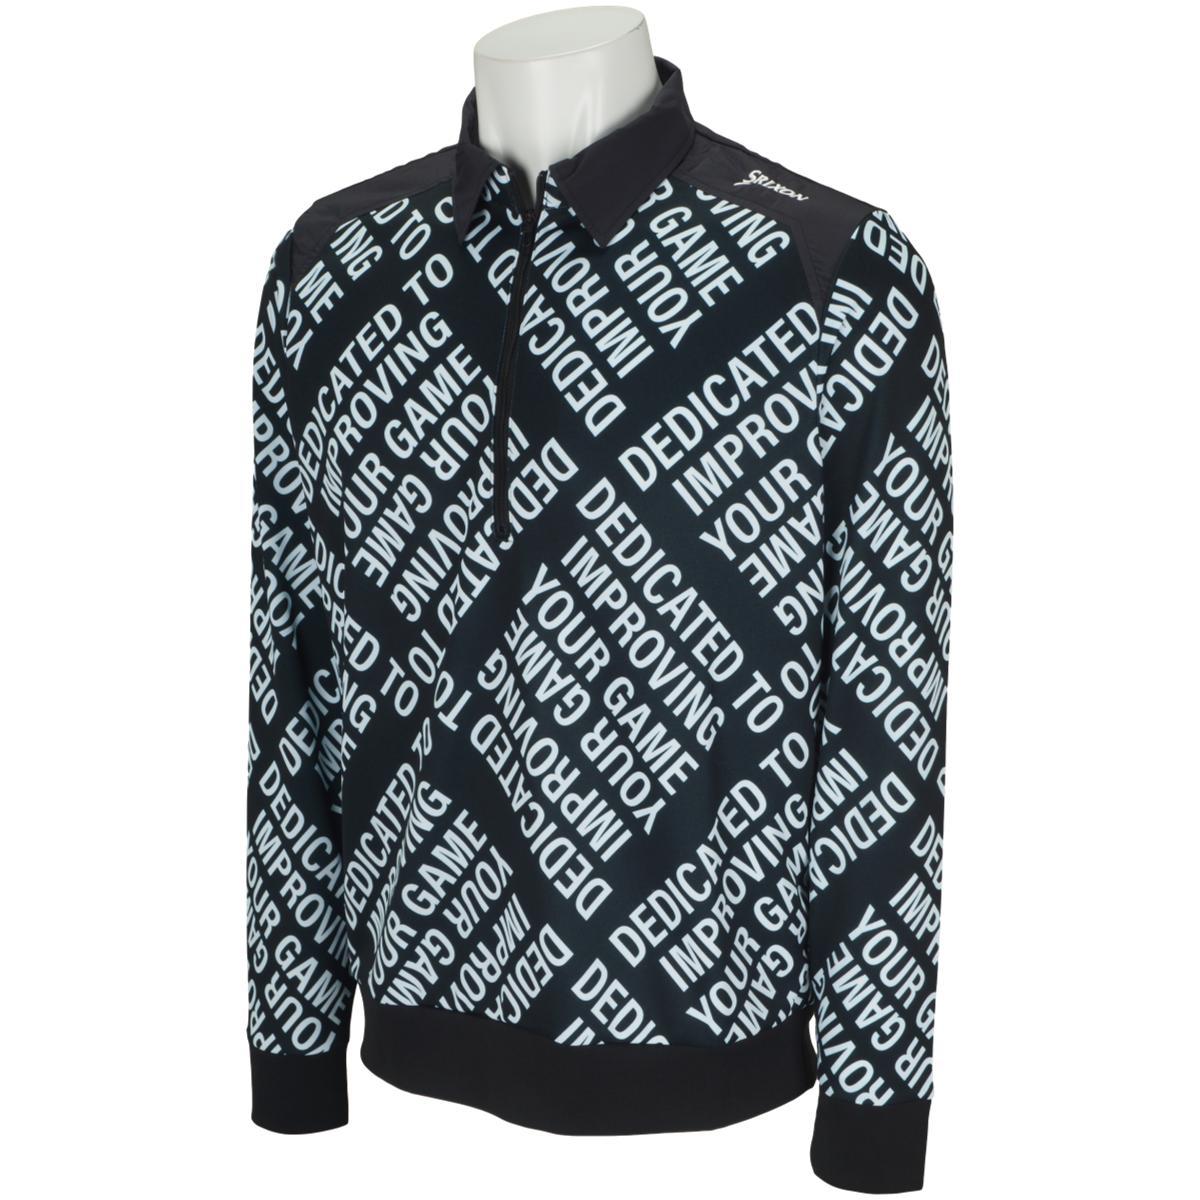 SRIXON ストレッチ 総柄タイポハイブリッドプロスタイル ジップアップ長袖シャツ